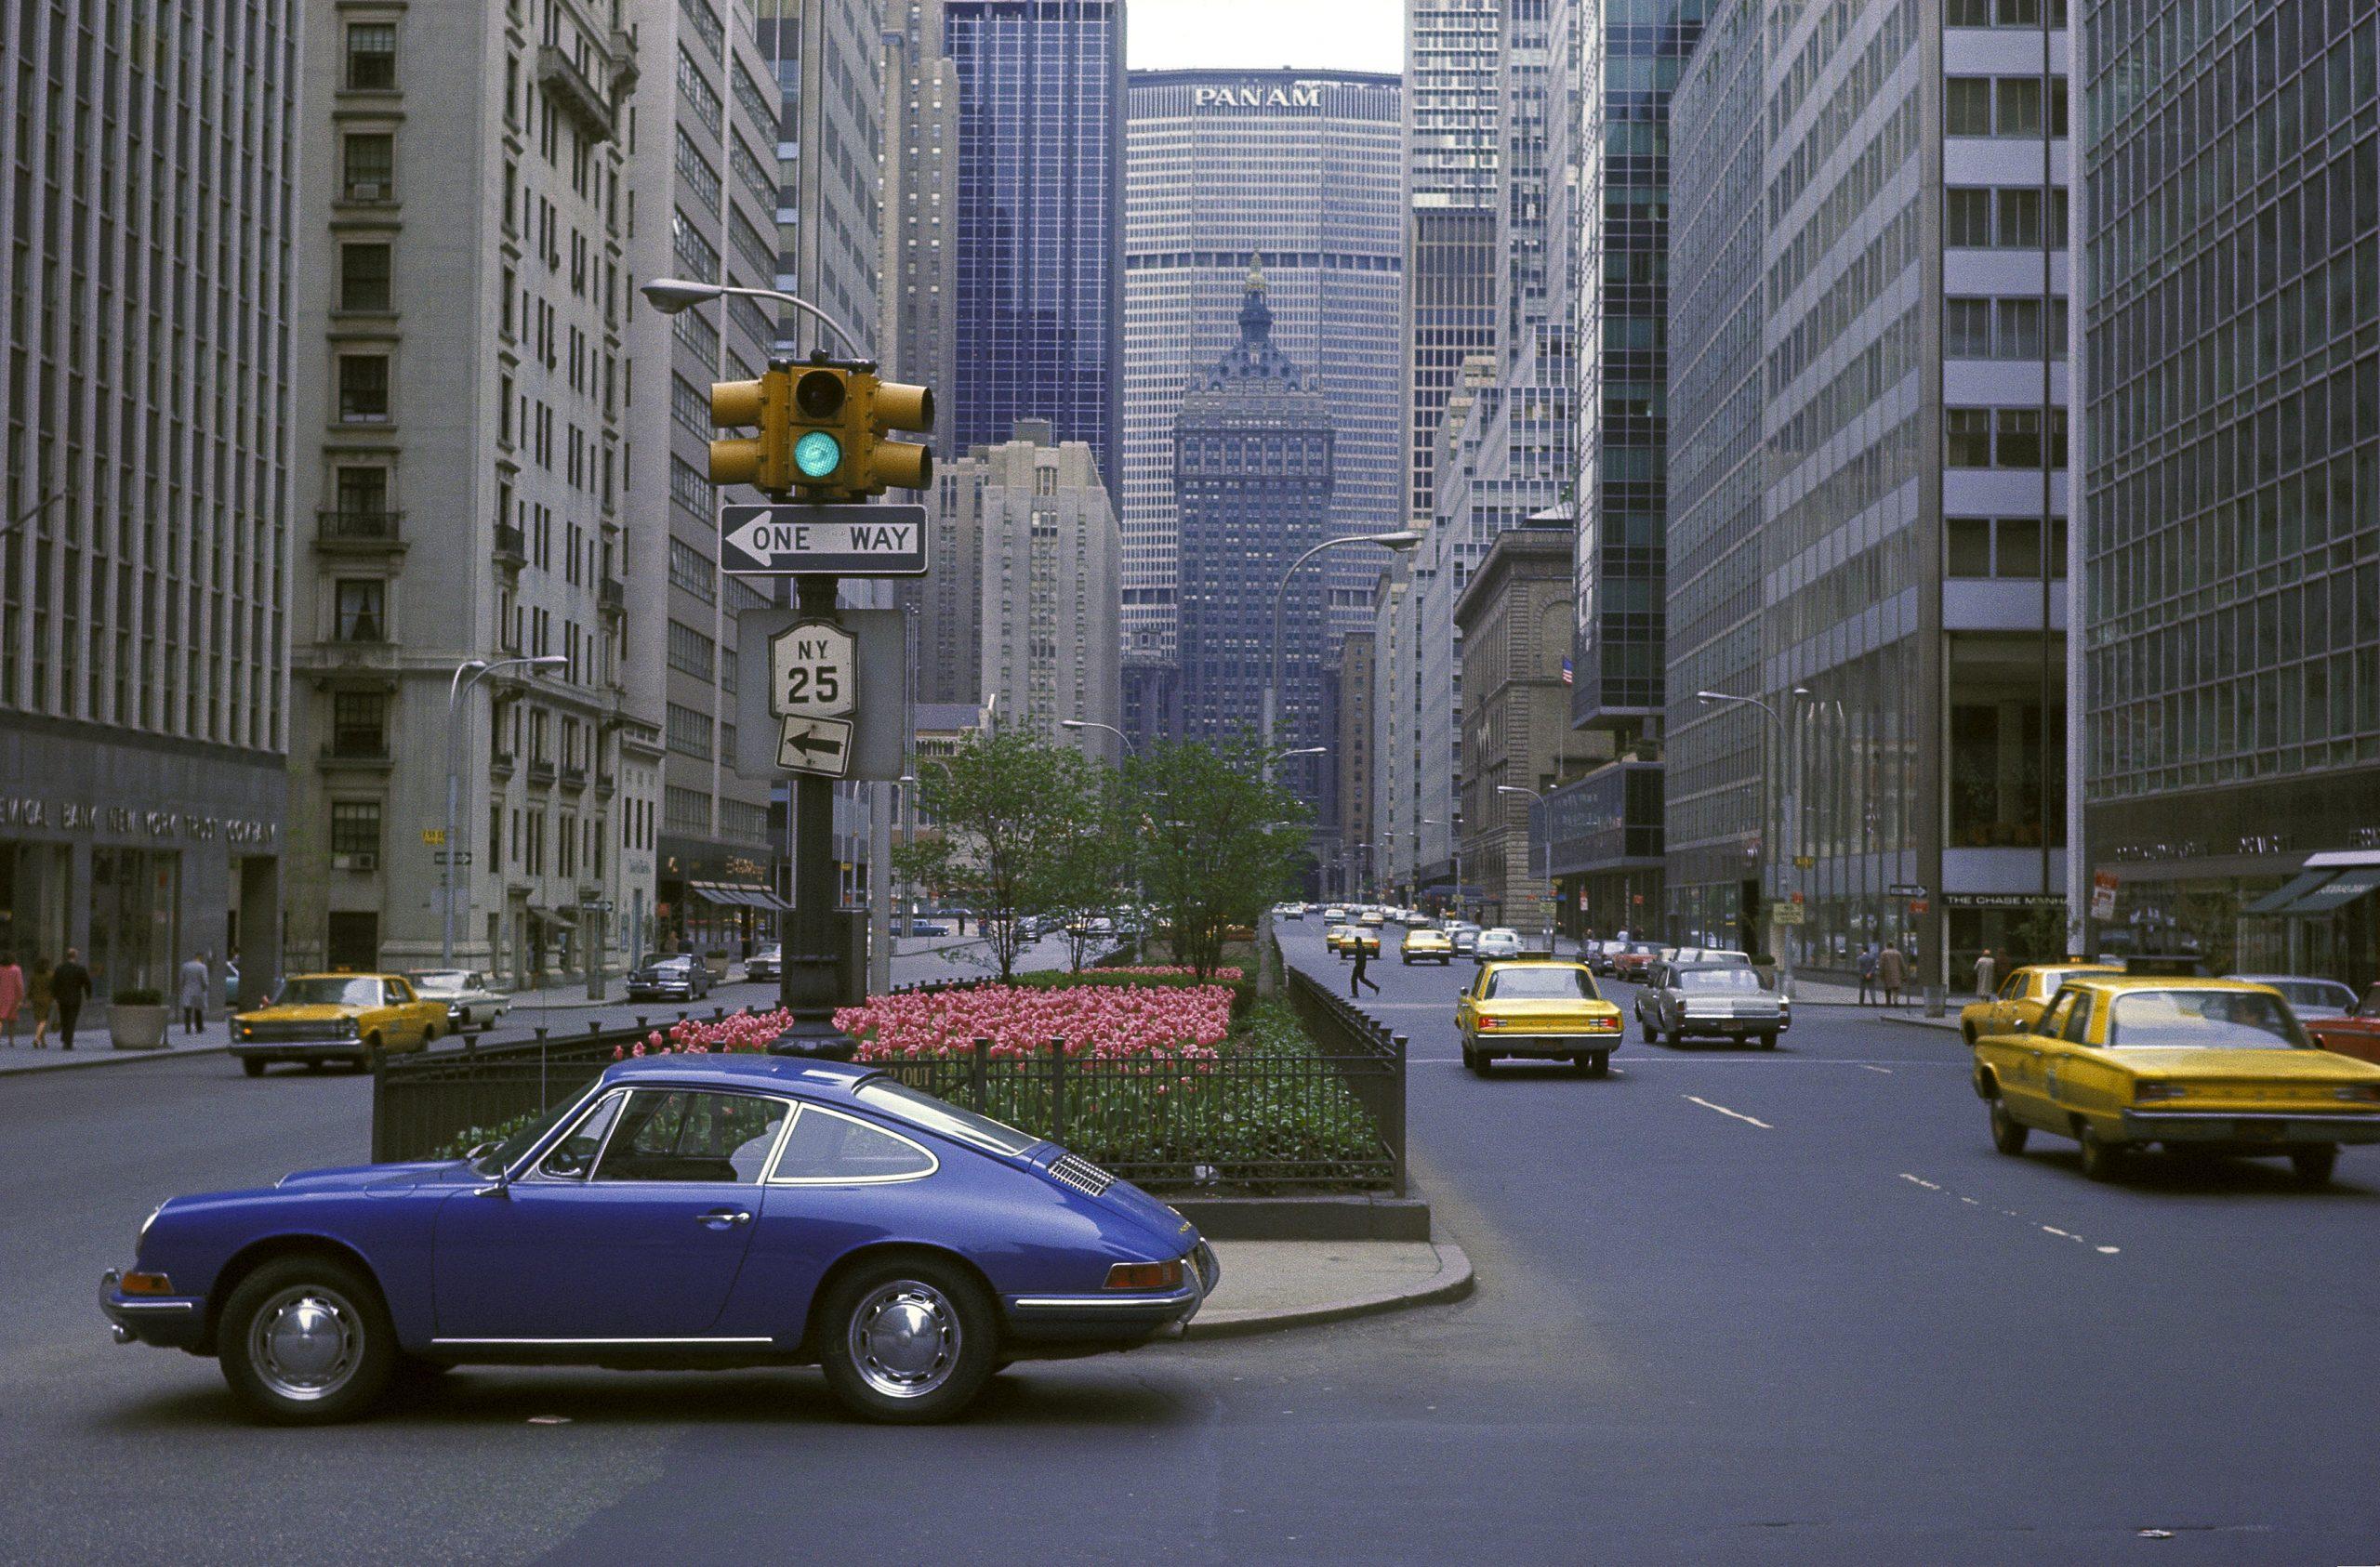 1967 new york 1965 porsche 911 2-0 coupe